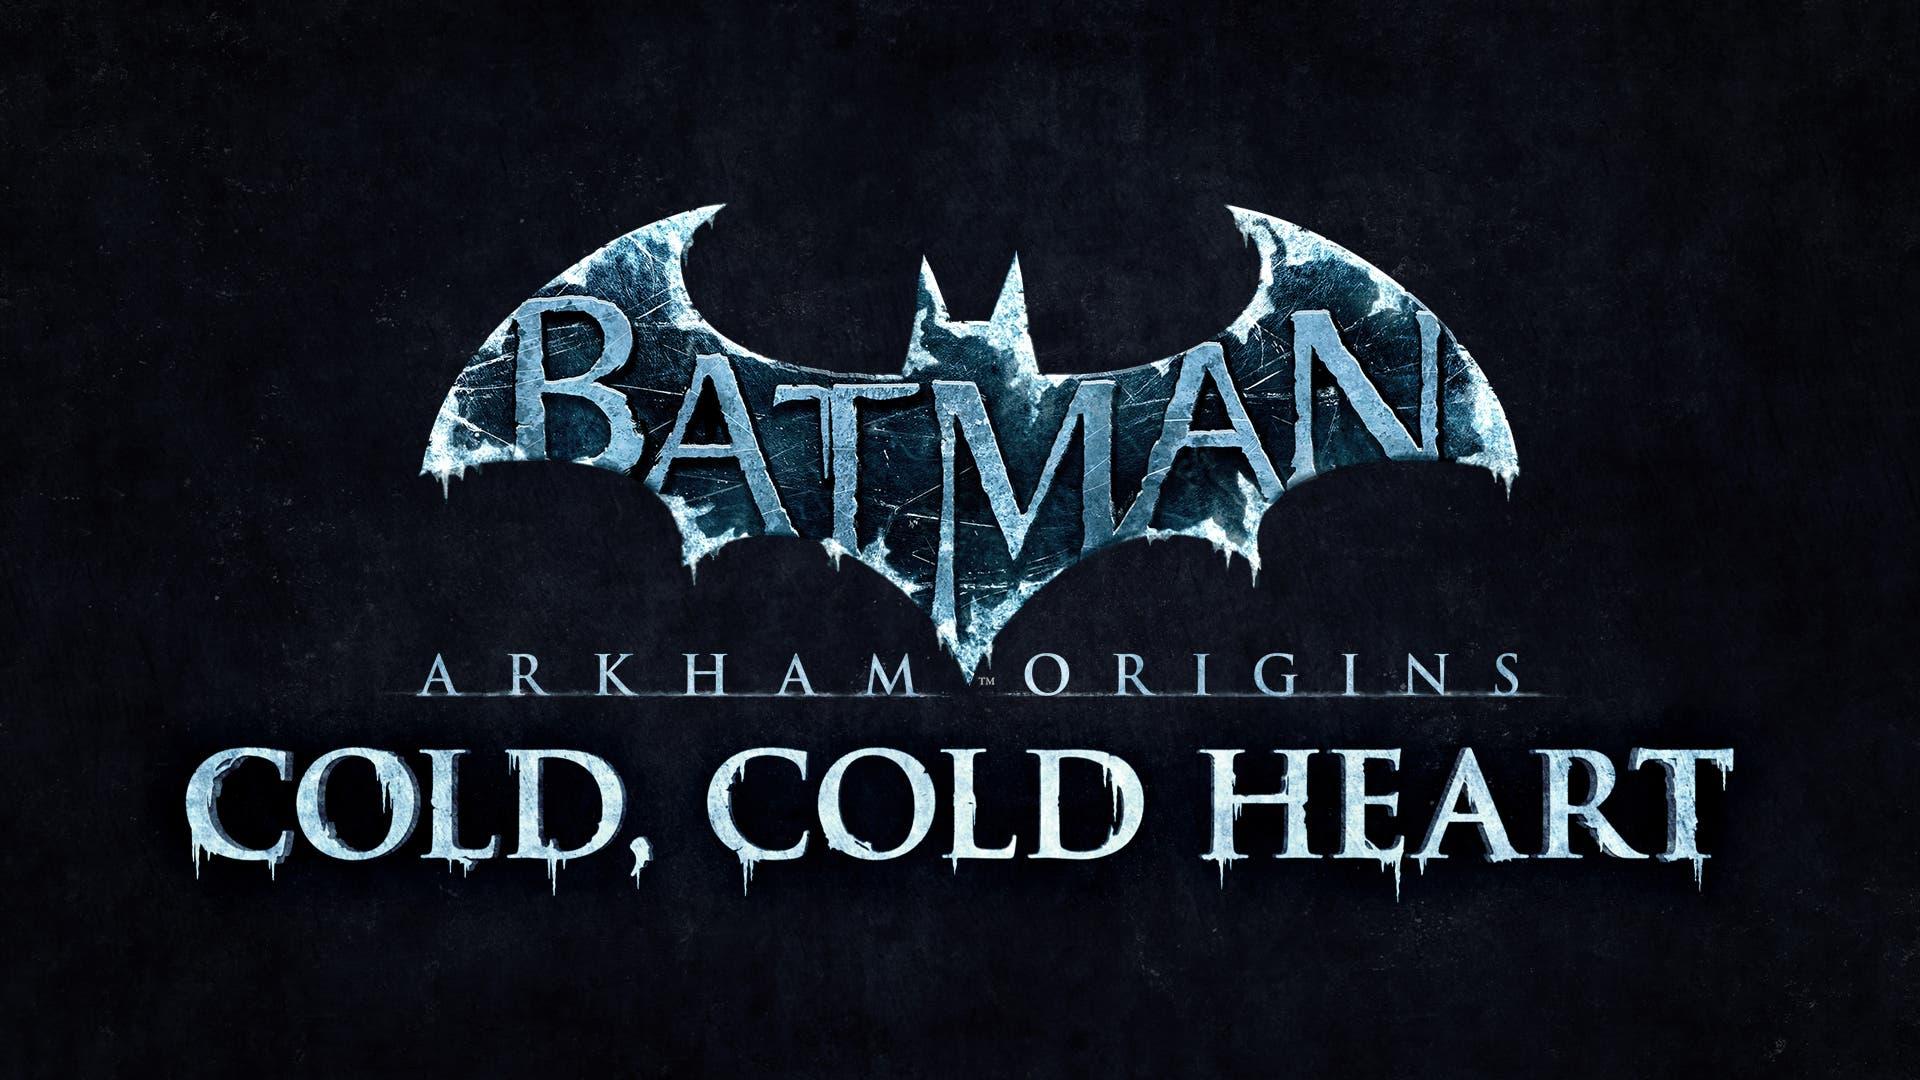 BAO ColdColdHeart Ice Dark